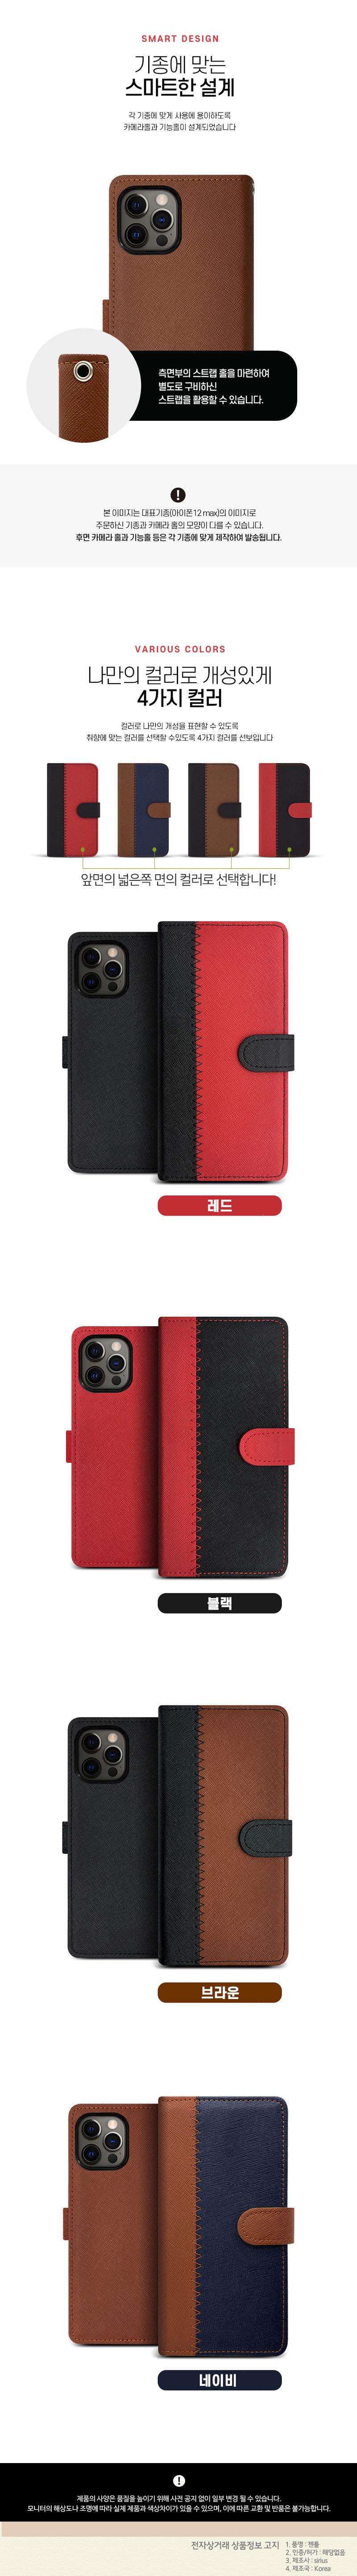 Vỏ điện thoại da thiết kế Hàn Quốc - VDT133